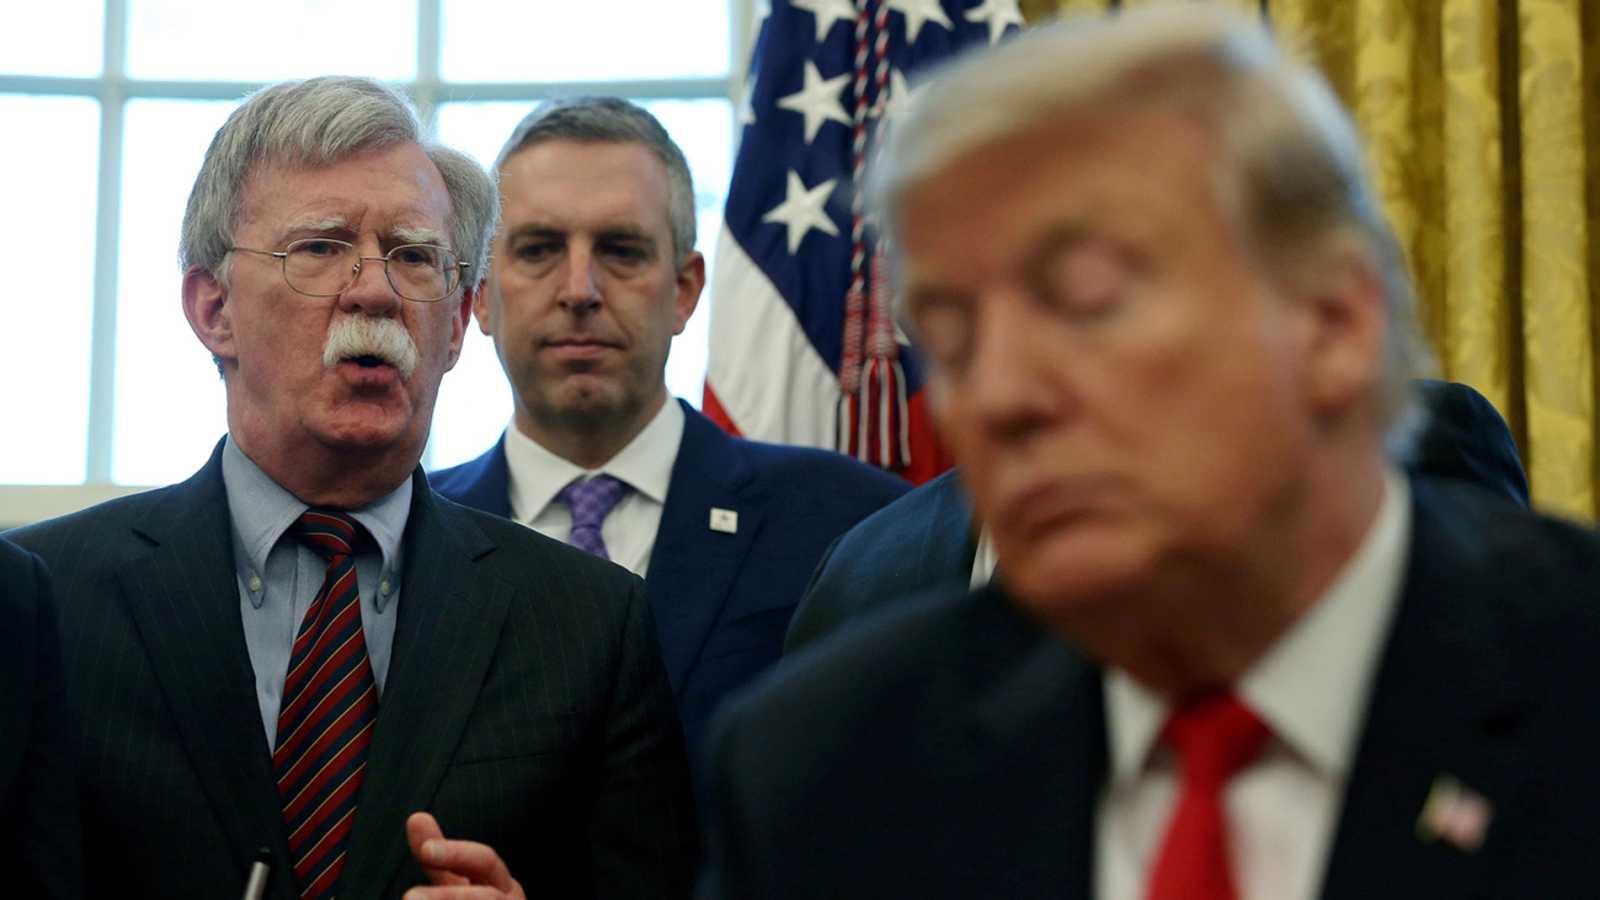 La defensa de Trump carga contra el 'impeachment' y los Biden ante la amenaza del testimonio de Bolton